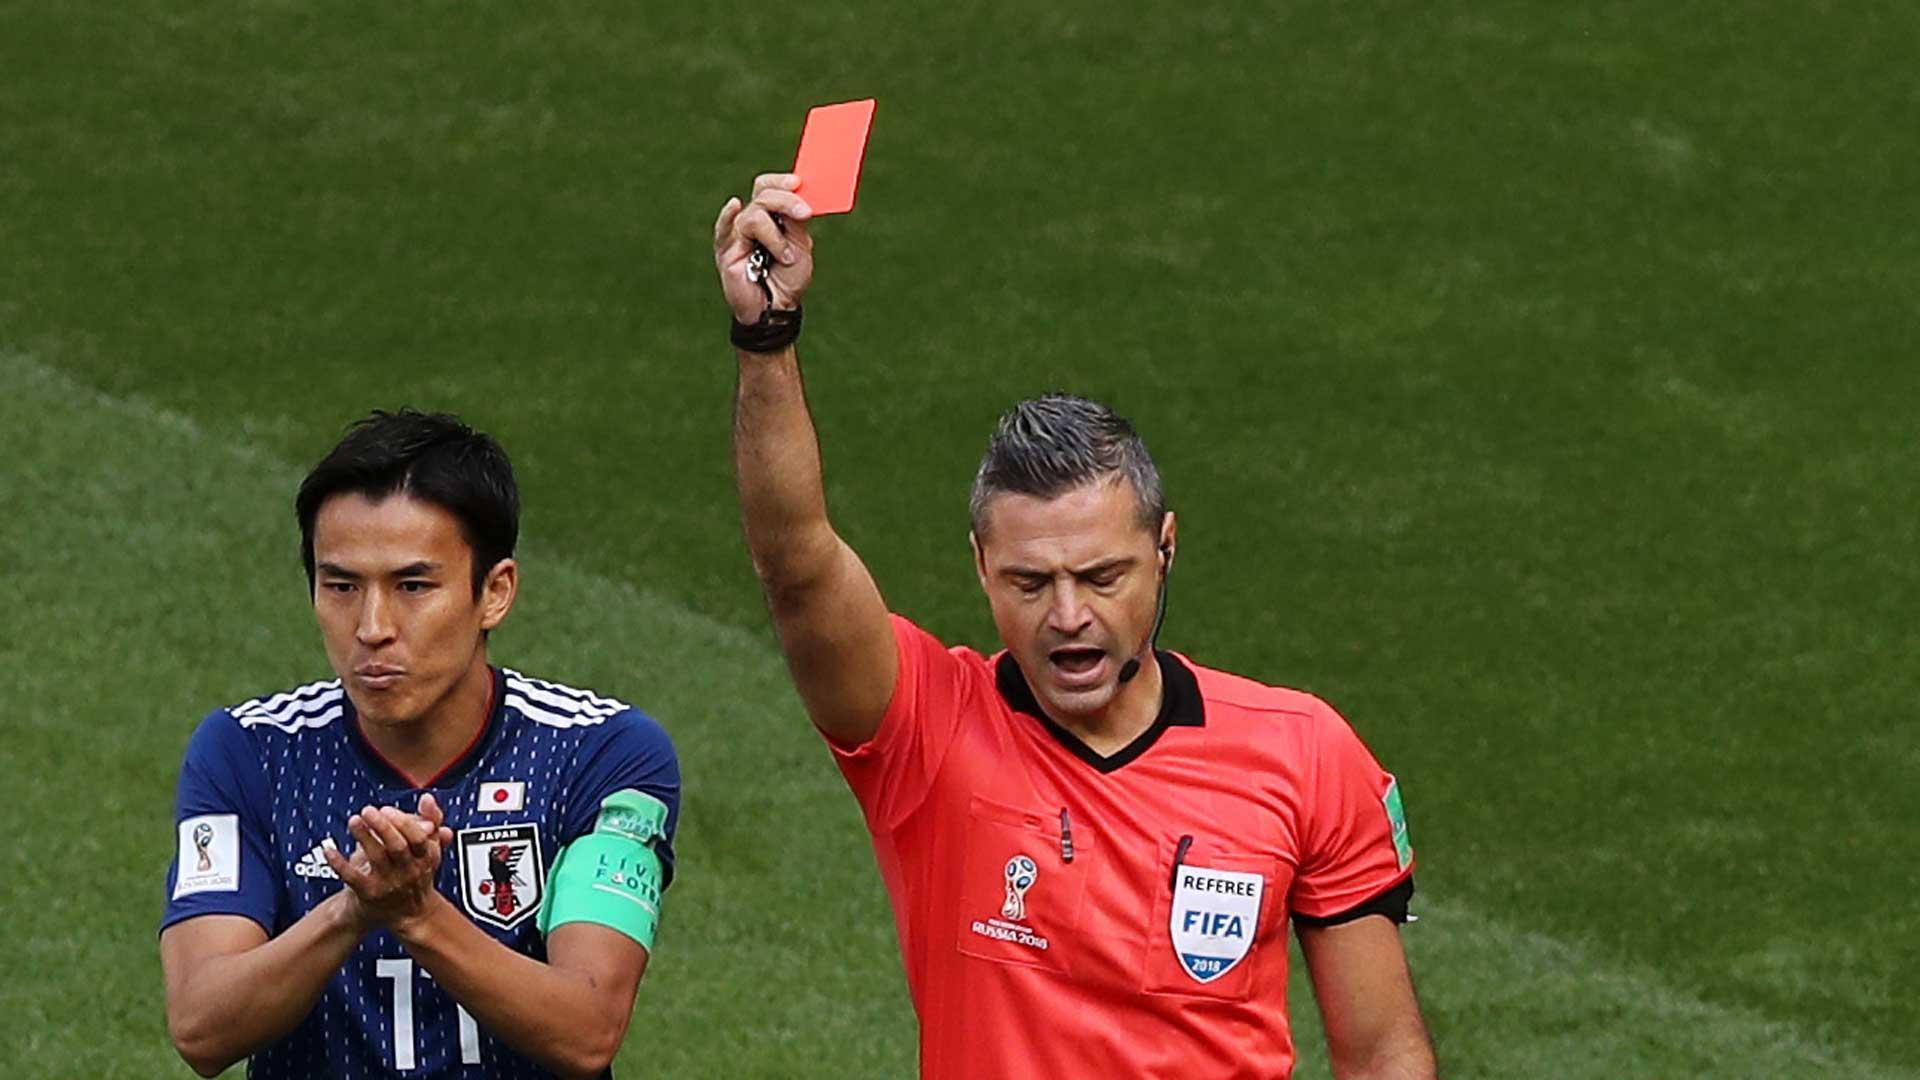 2018-06-18-Referee-Damir Skomina